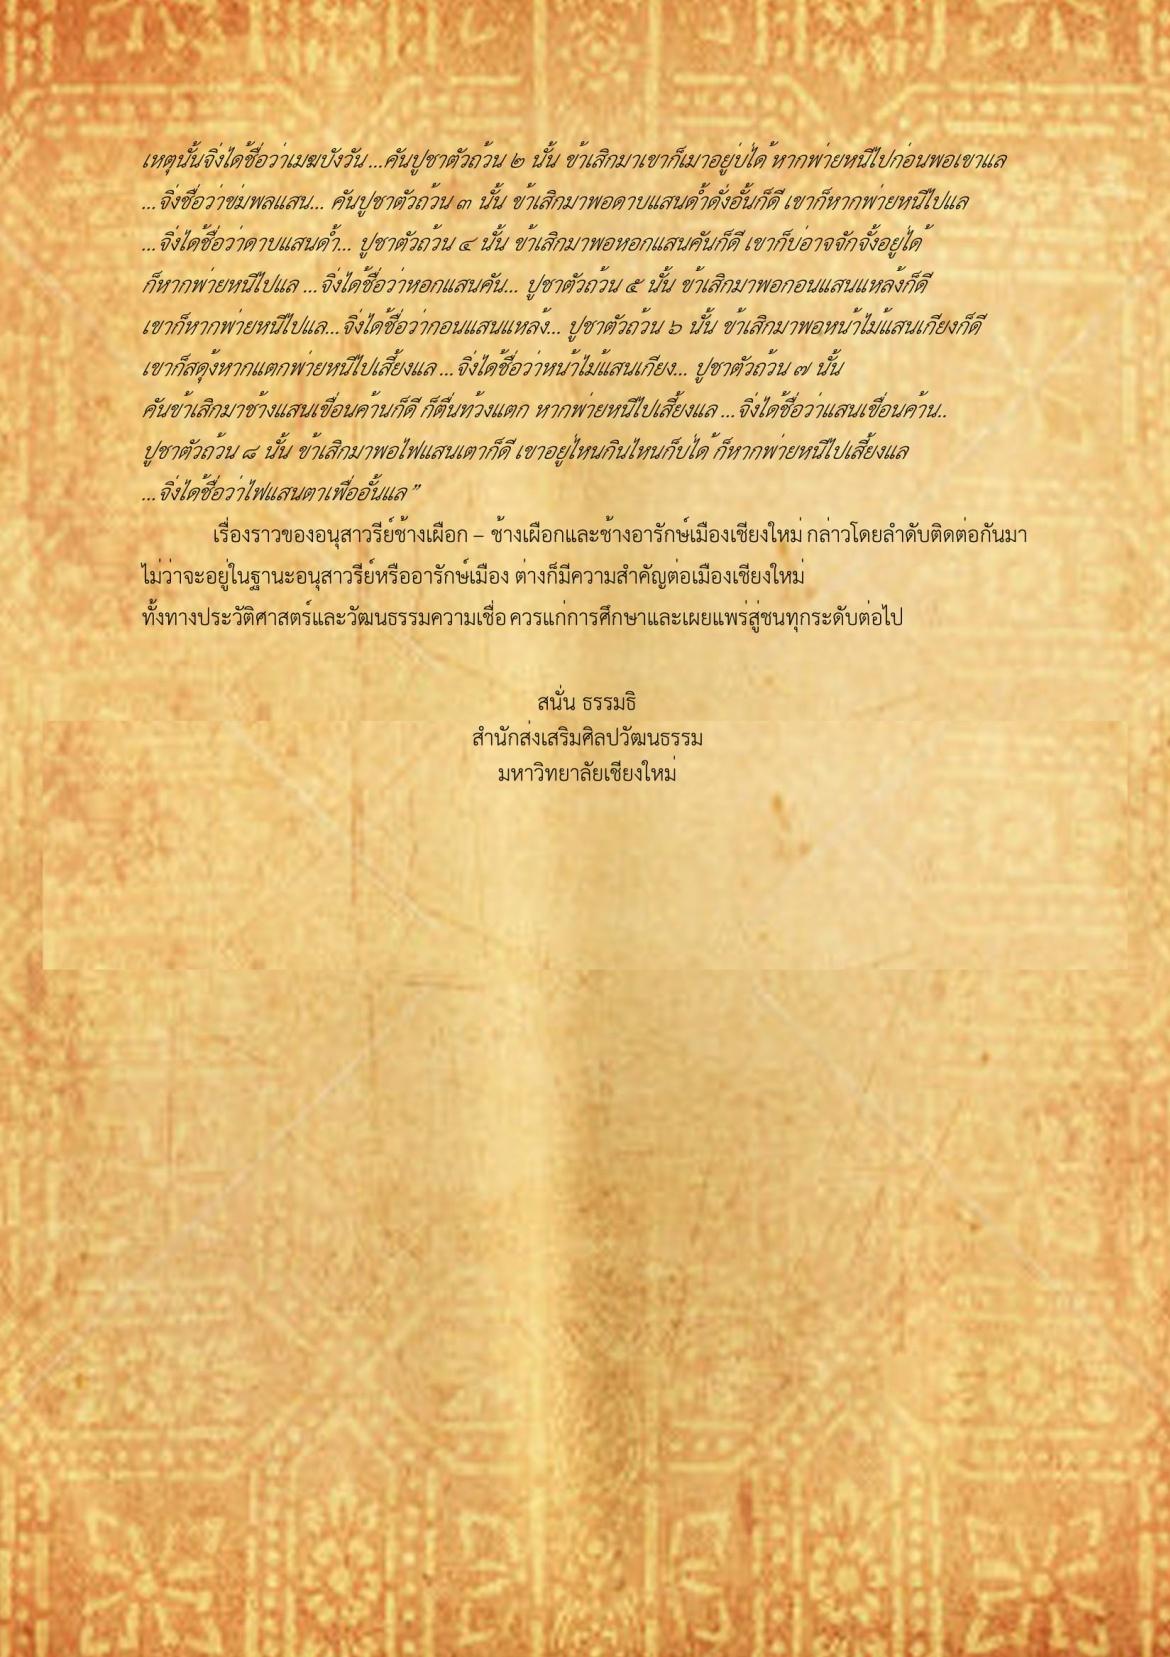 อนุเสาวรีย์ช้างเผือก - ช้างเผือกและช้างอารักษ์เมืองเชียงใหม่(4) - 11 มิถุนายน 2561